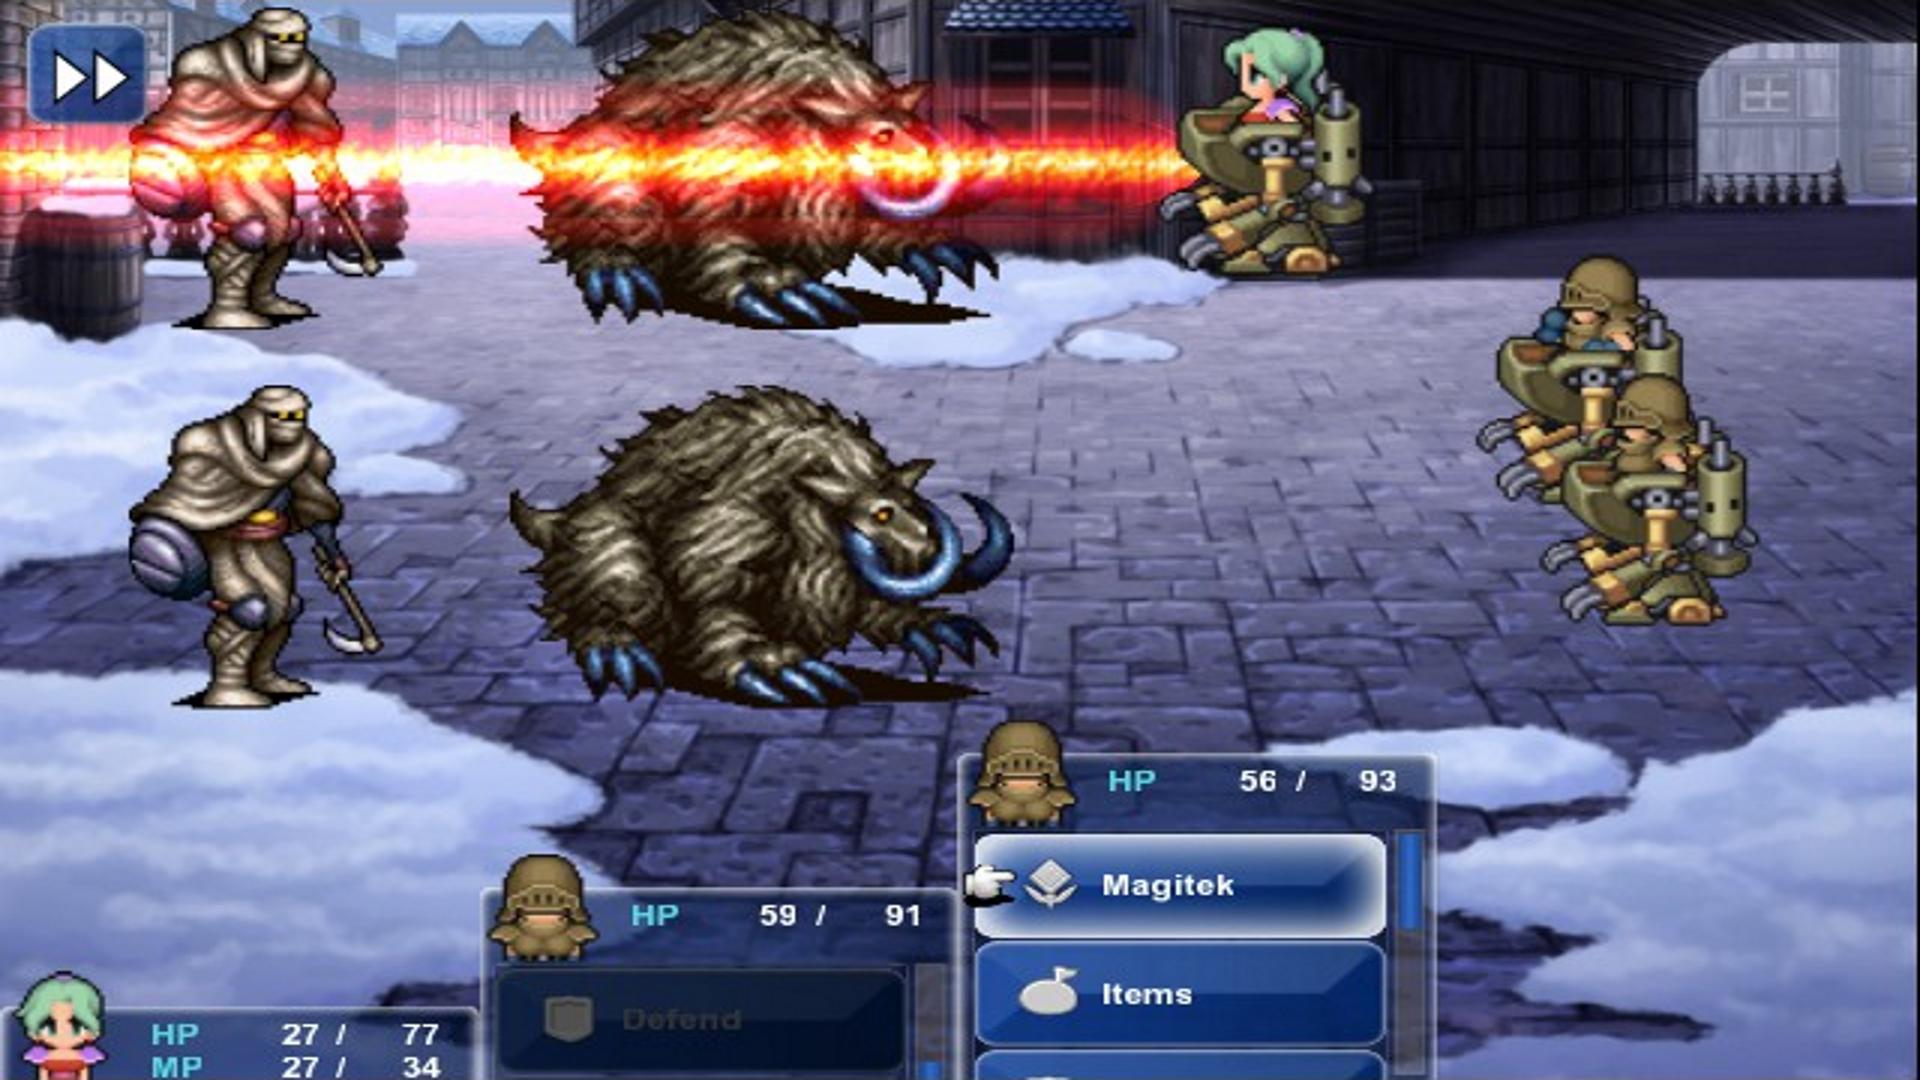 最终幻想6游戏图片欣赏